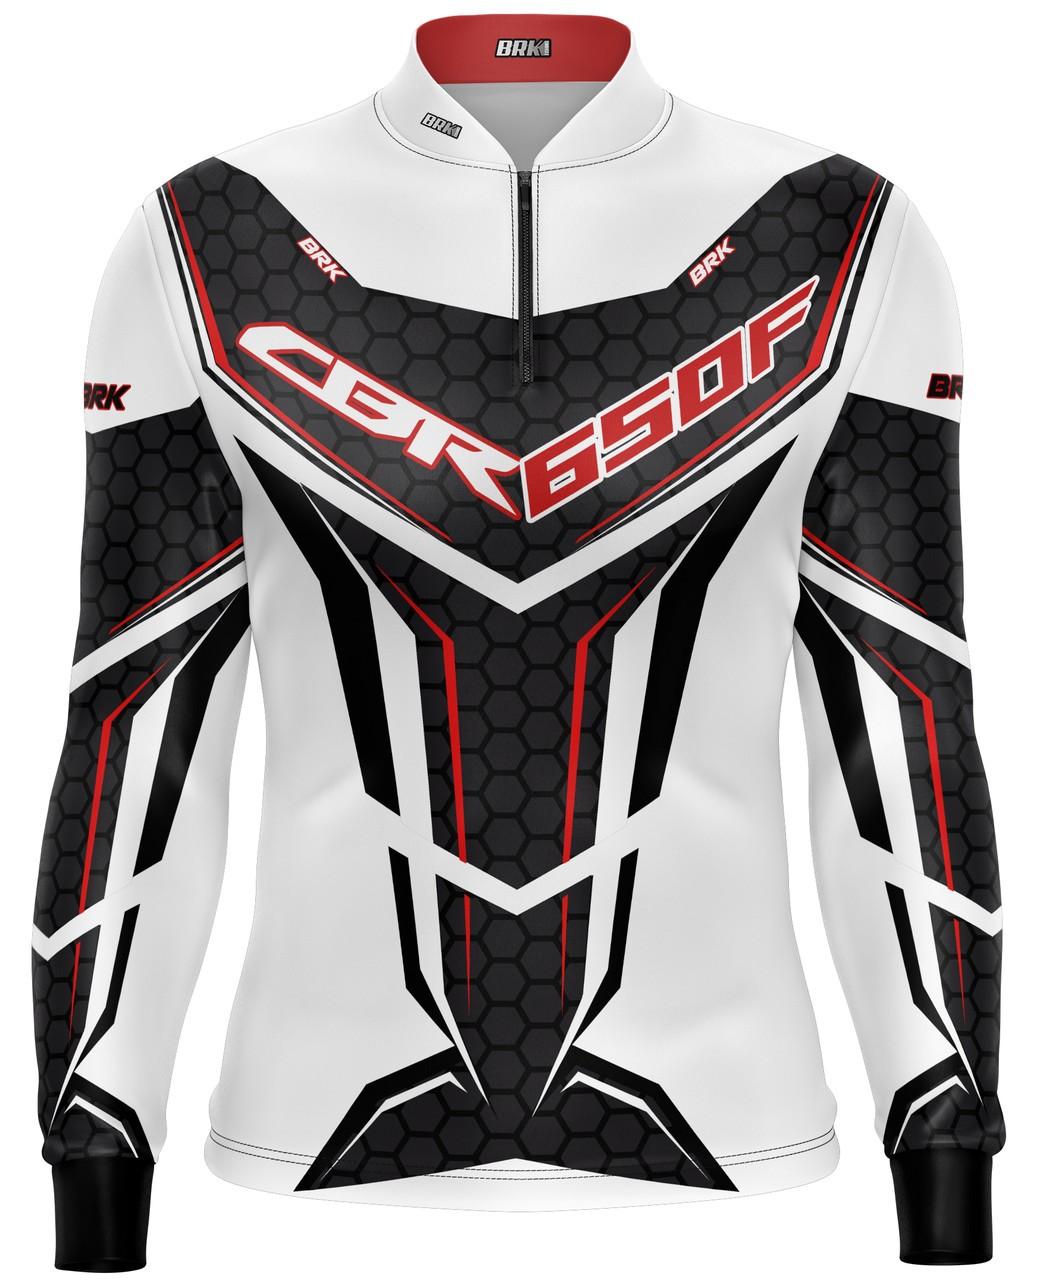 Camiseta Brk Motociclismo CBR 650F com FPU 50+